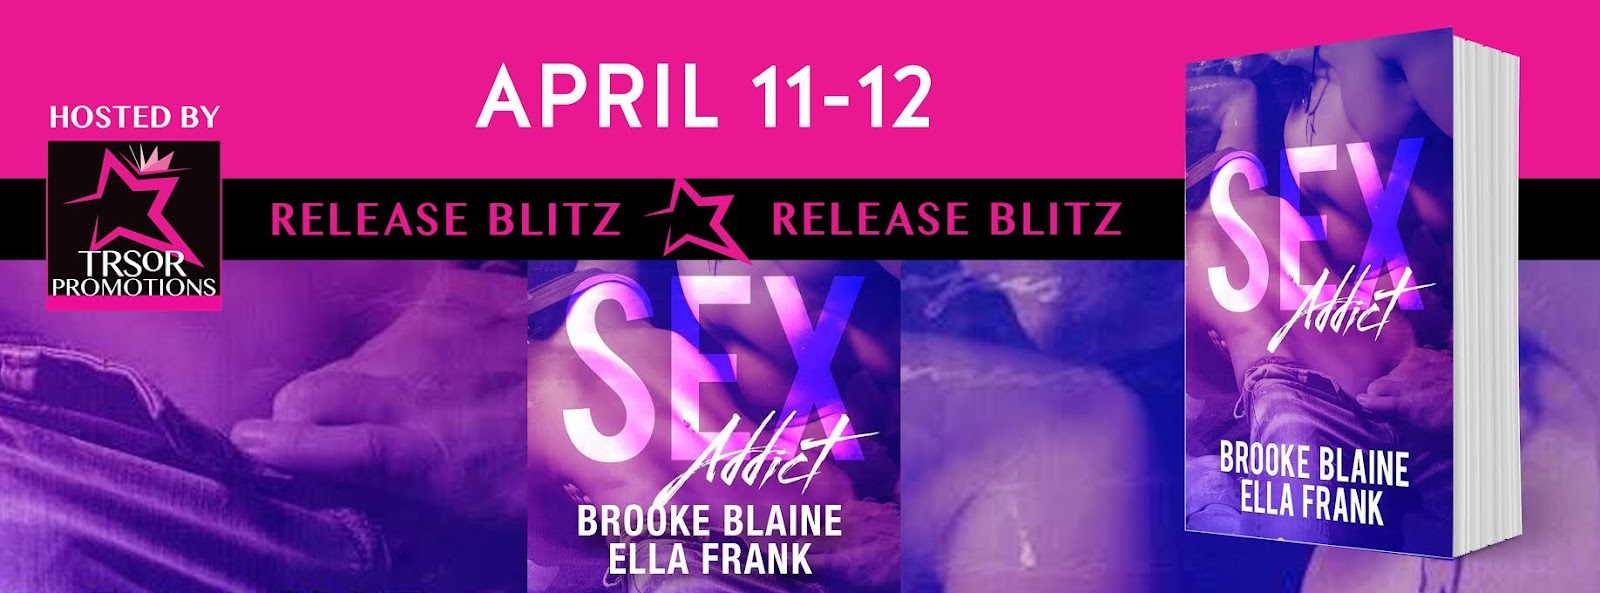 sex addict release blitz.jpg